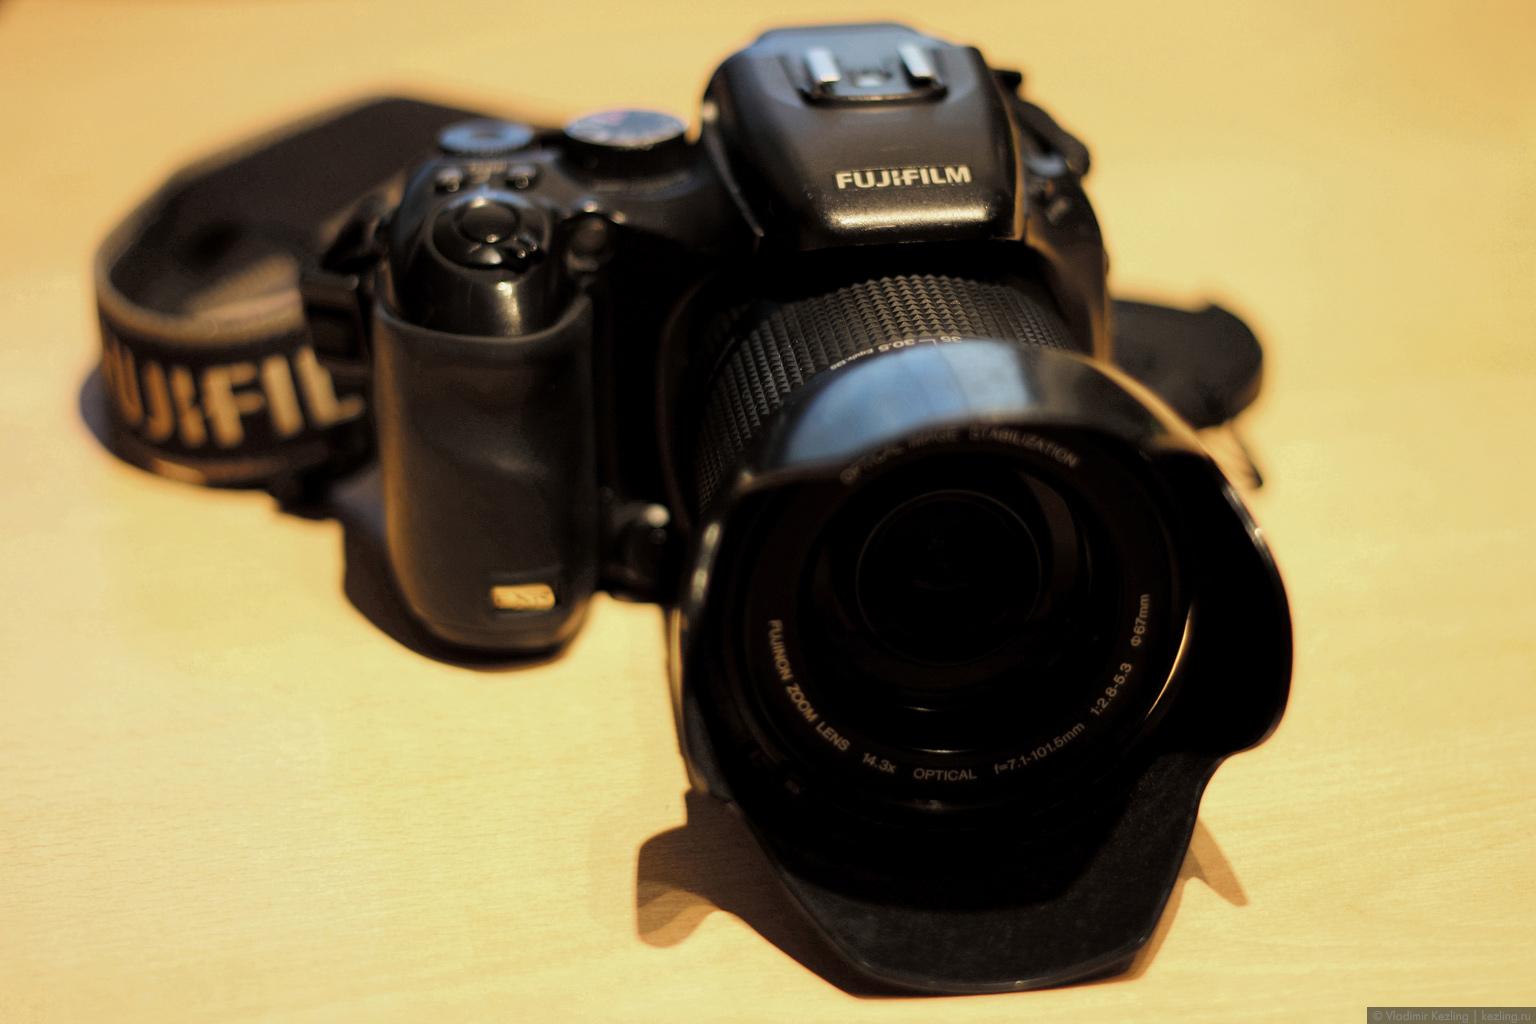 Fujifilm s200exr